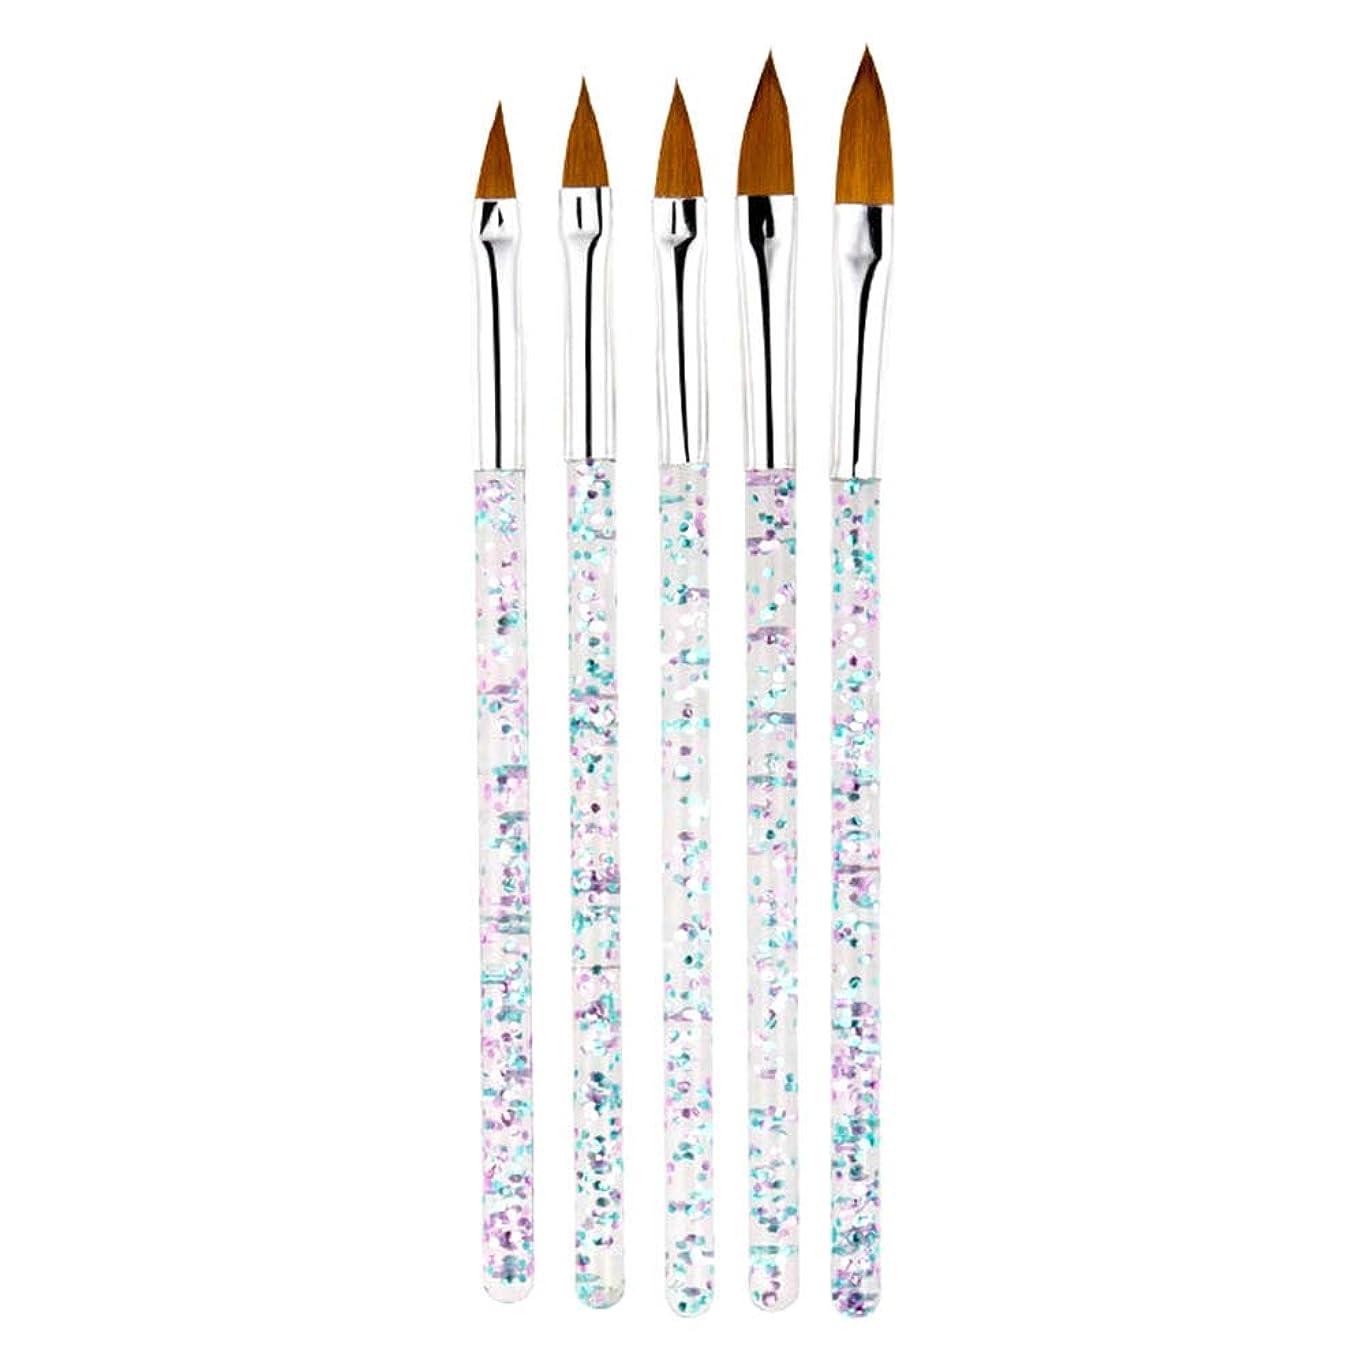 ミニチュア寝るダンプMCCRUA ネイルブラシ 5本セット スカルプネイルブラシ 可愛い アクリルネイル UV ジェルネイル ネイルアート筆